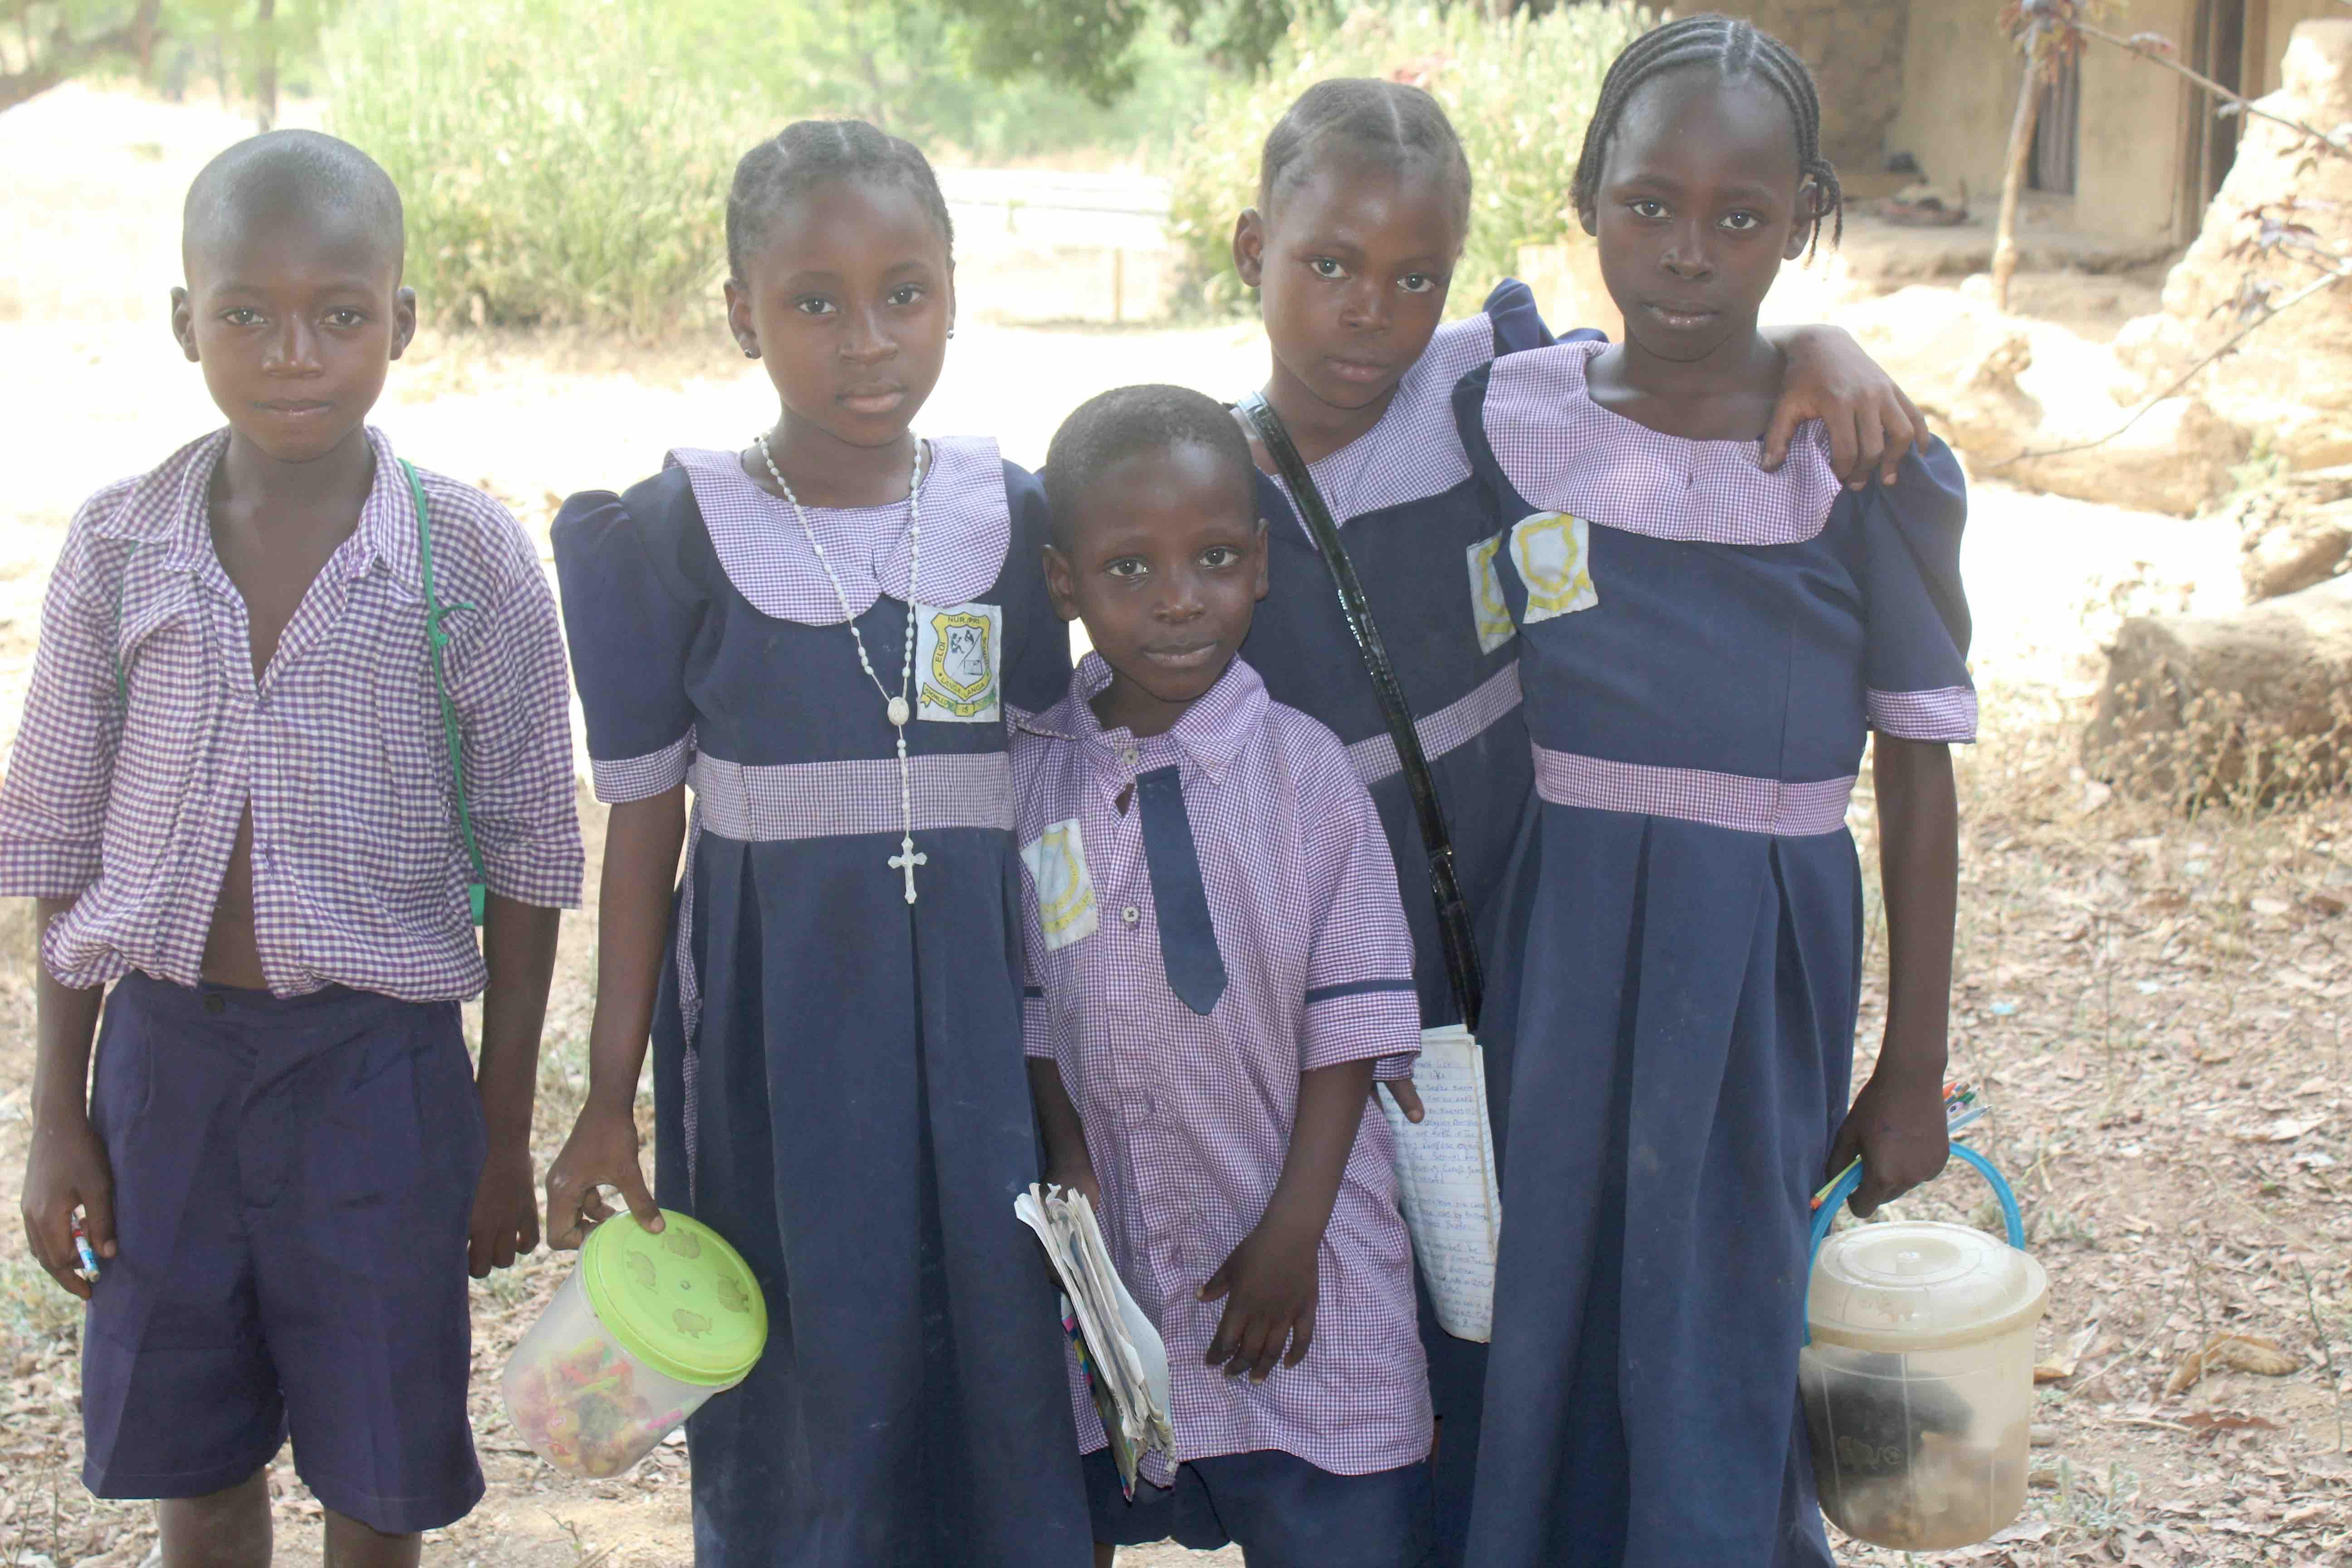 School children in Langa Langa Village, Nasarawa State, Nigeria. #JujuFilms